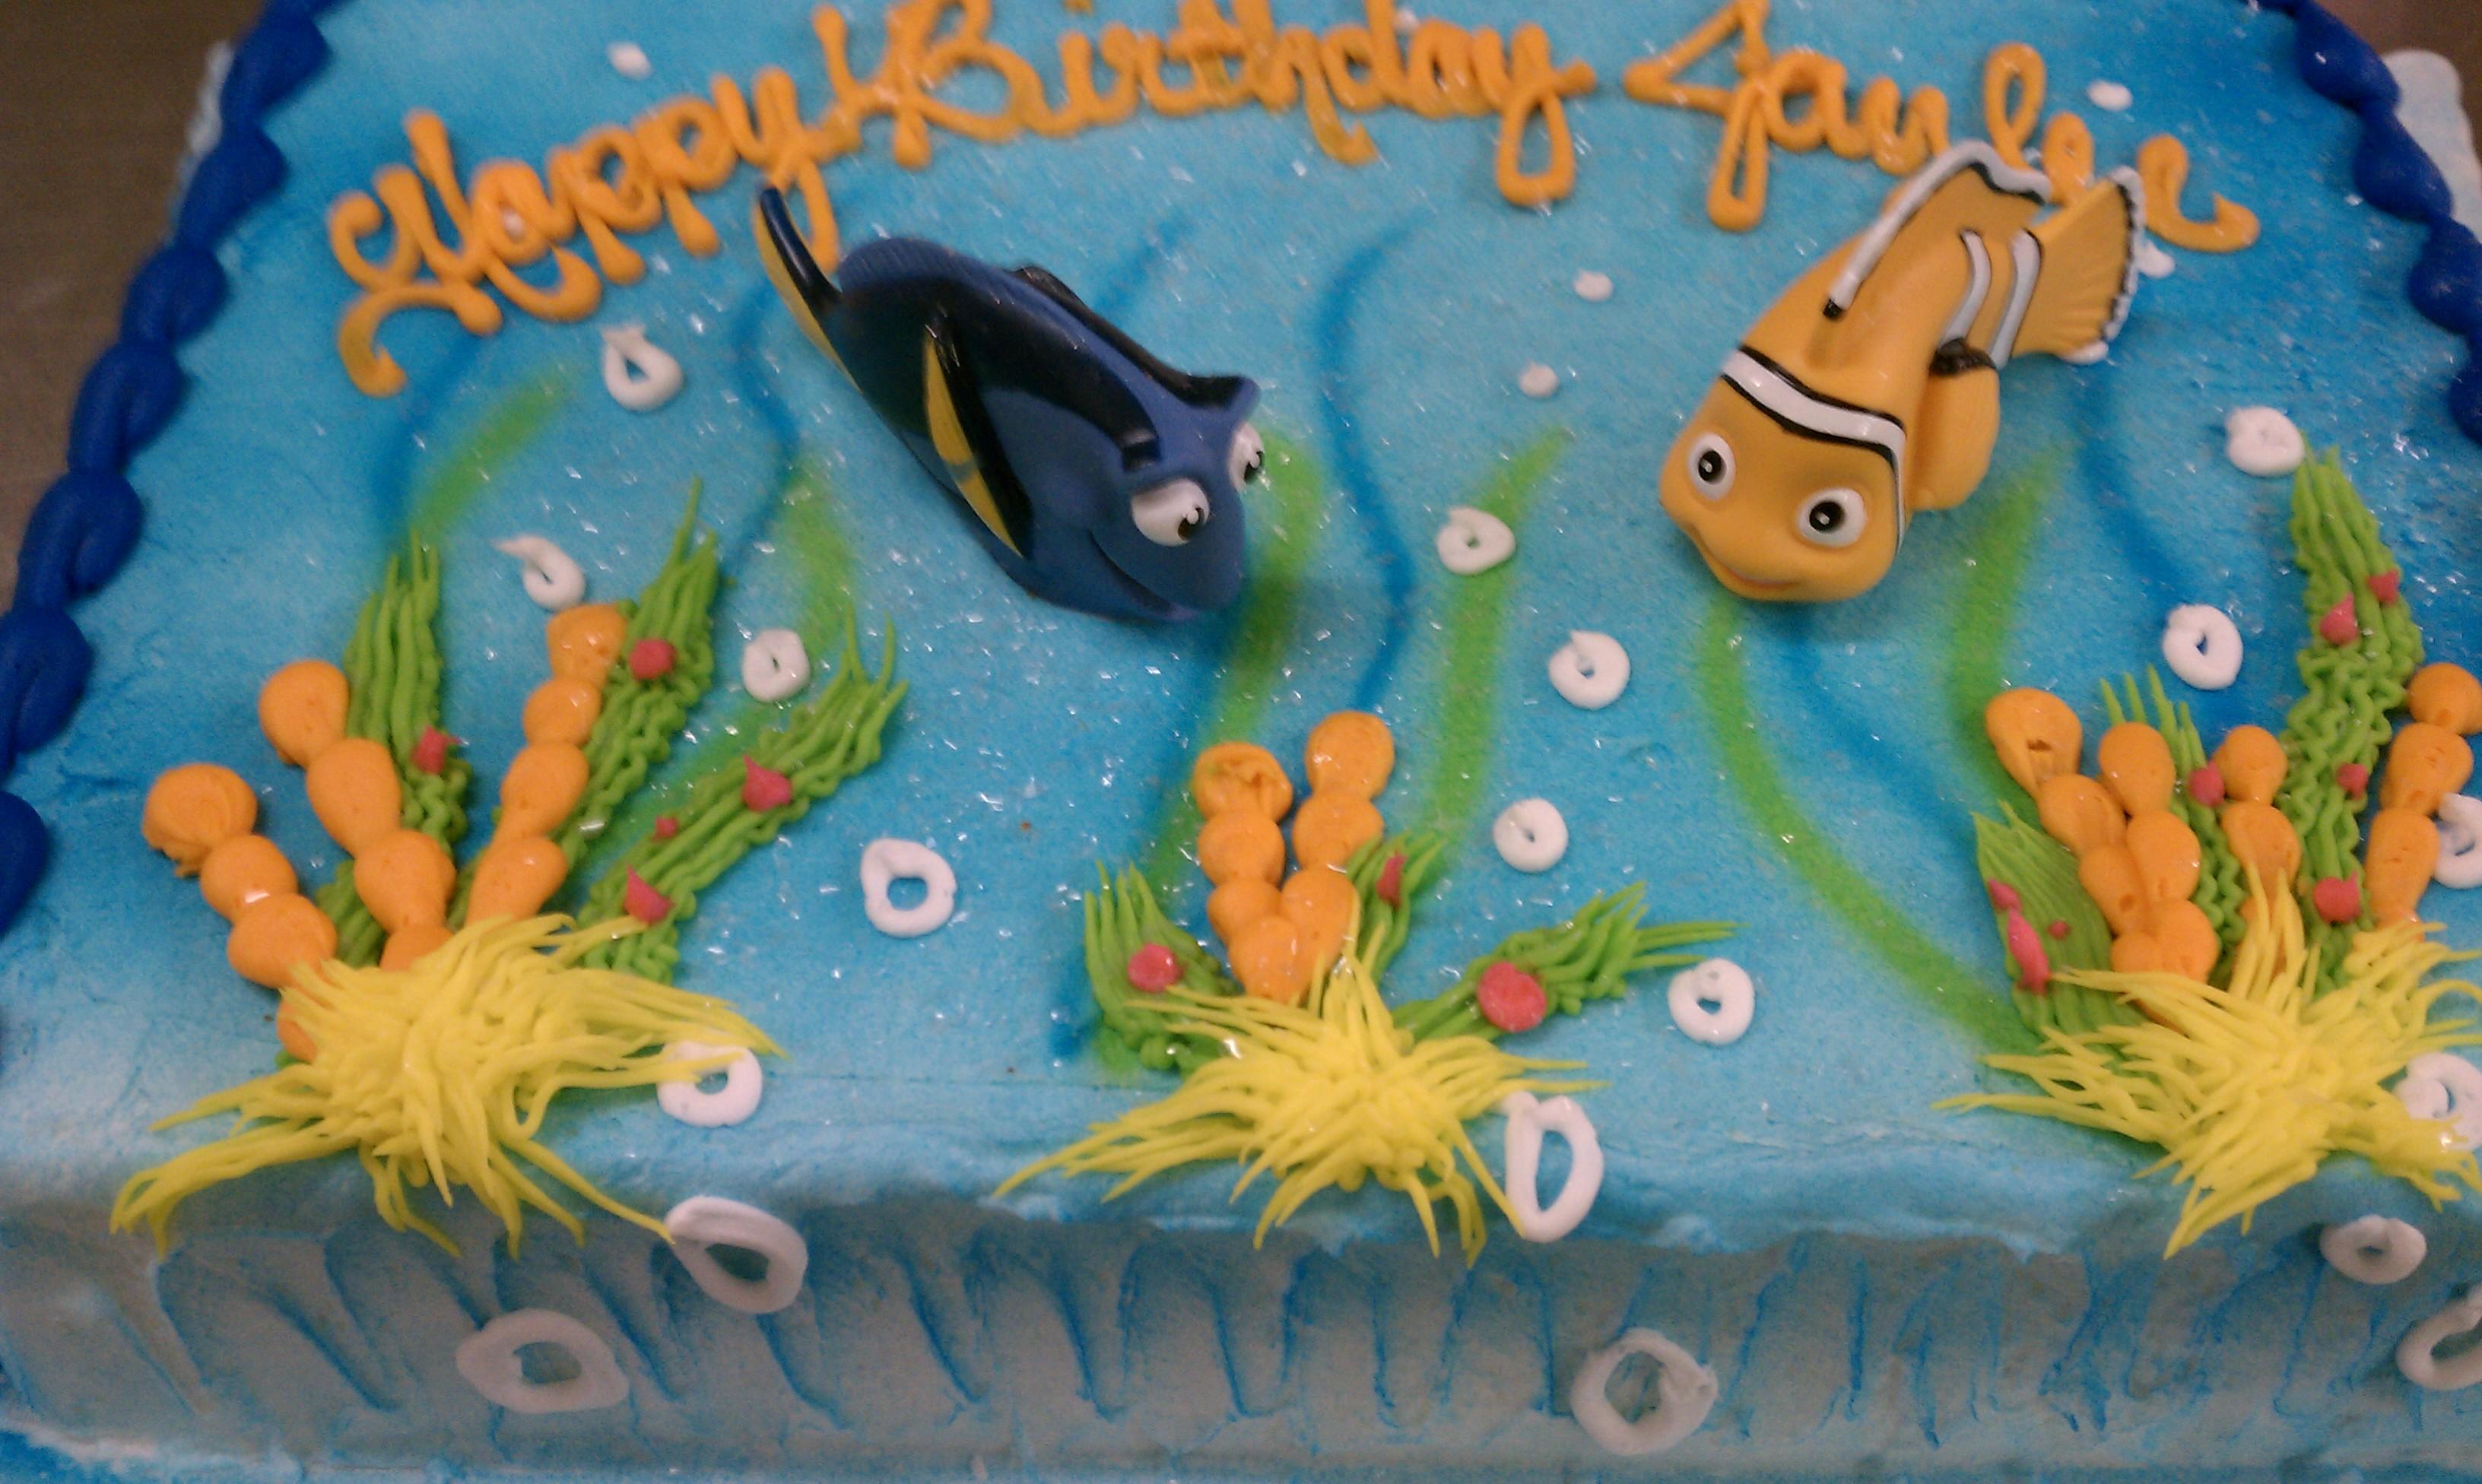 Custom Cakes Le Bakery